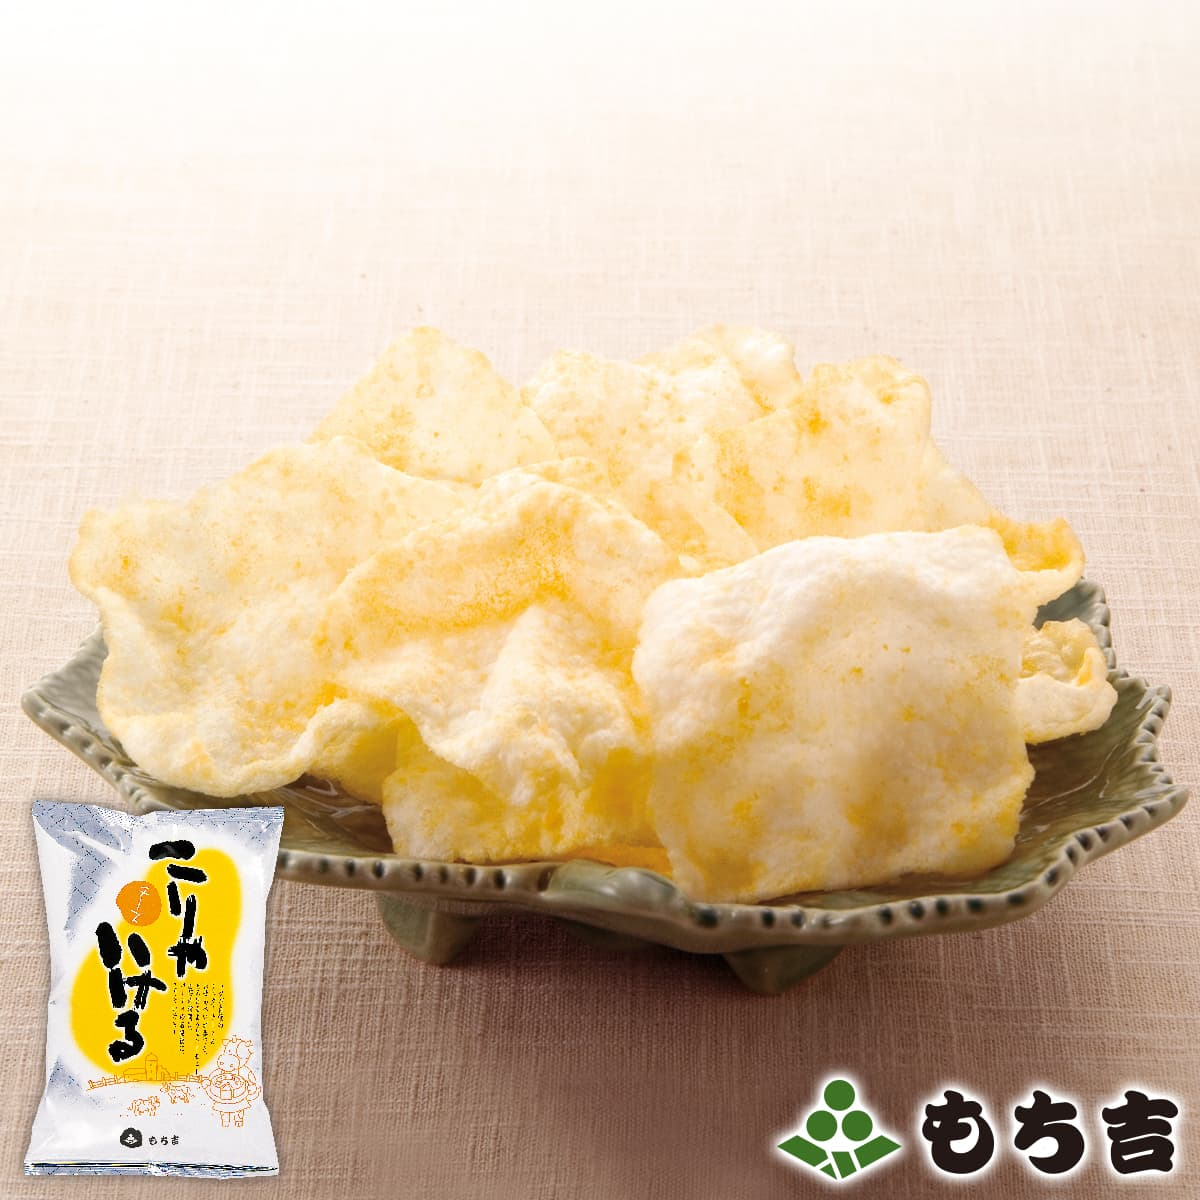 チェダーチーズがふんわり香る もち吉 こりゃいける 期間限定お試し価格 国産米100% 75g 買取 チーズ味